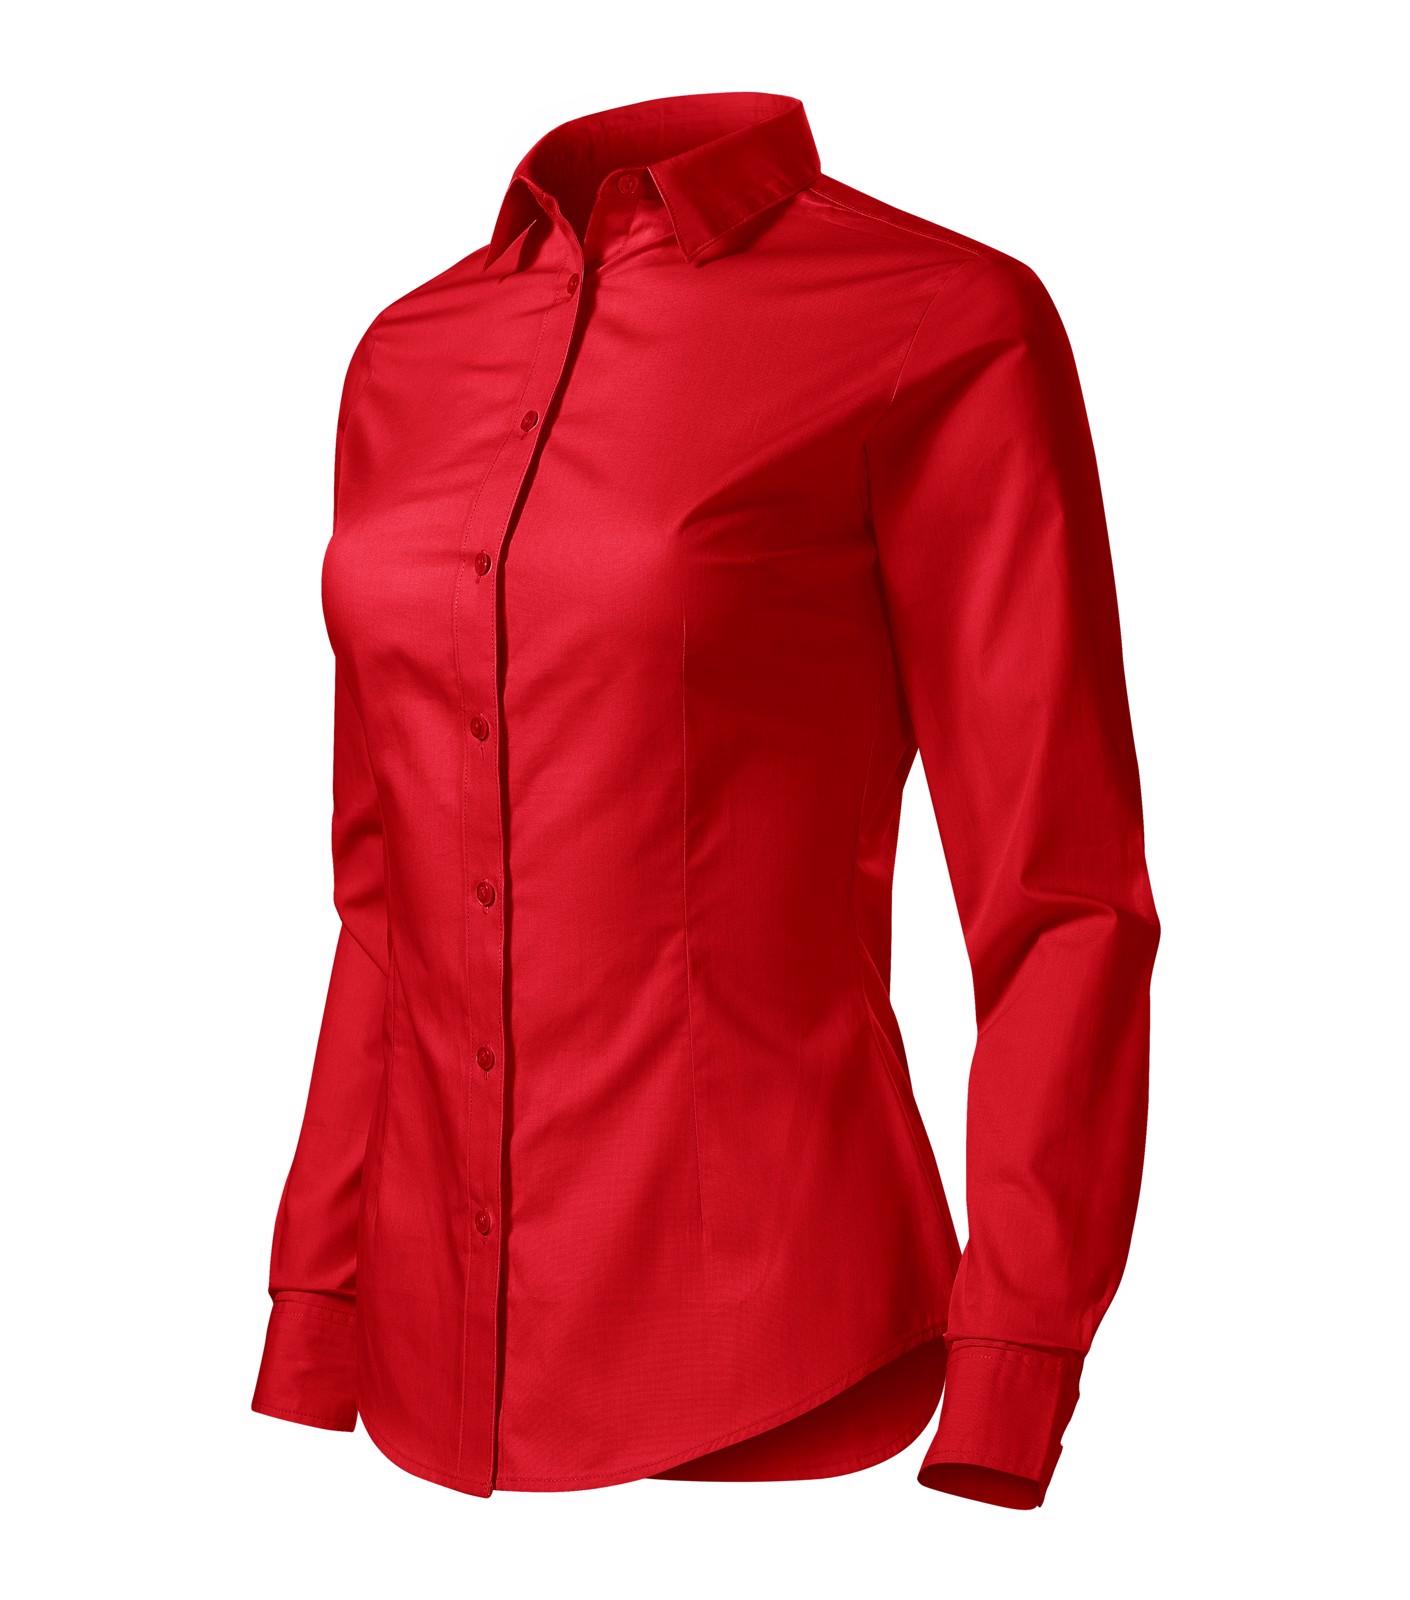 Košile dámská Malfini Style LS - Červená / S